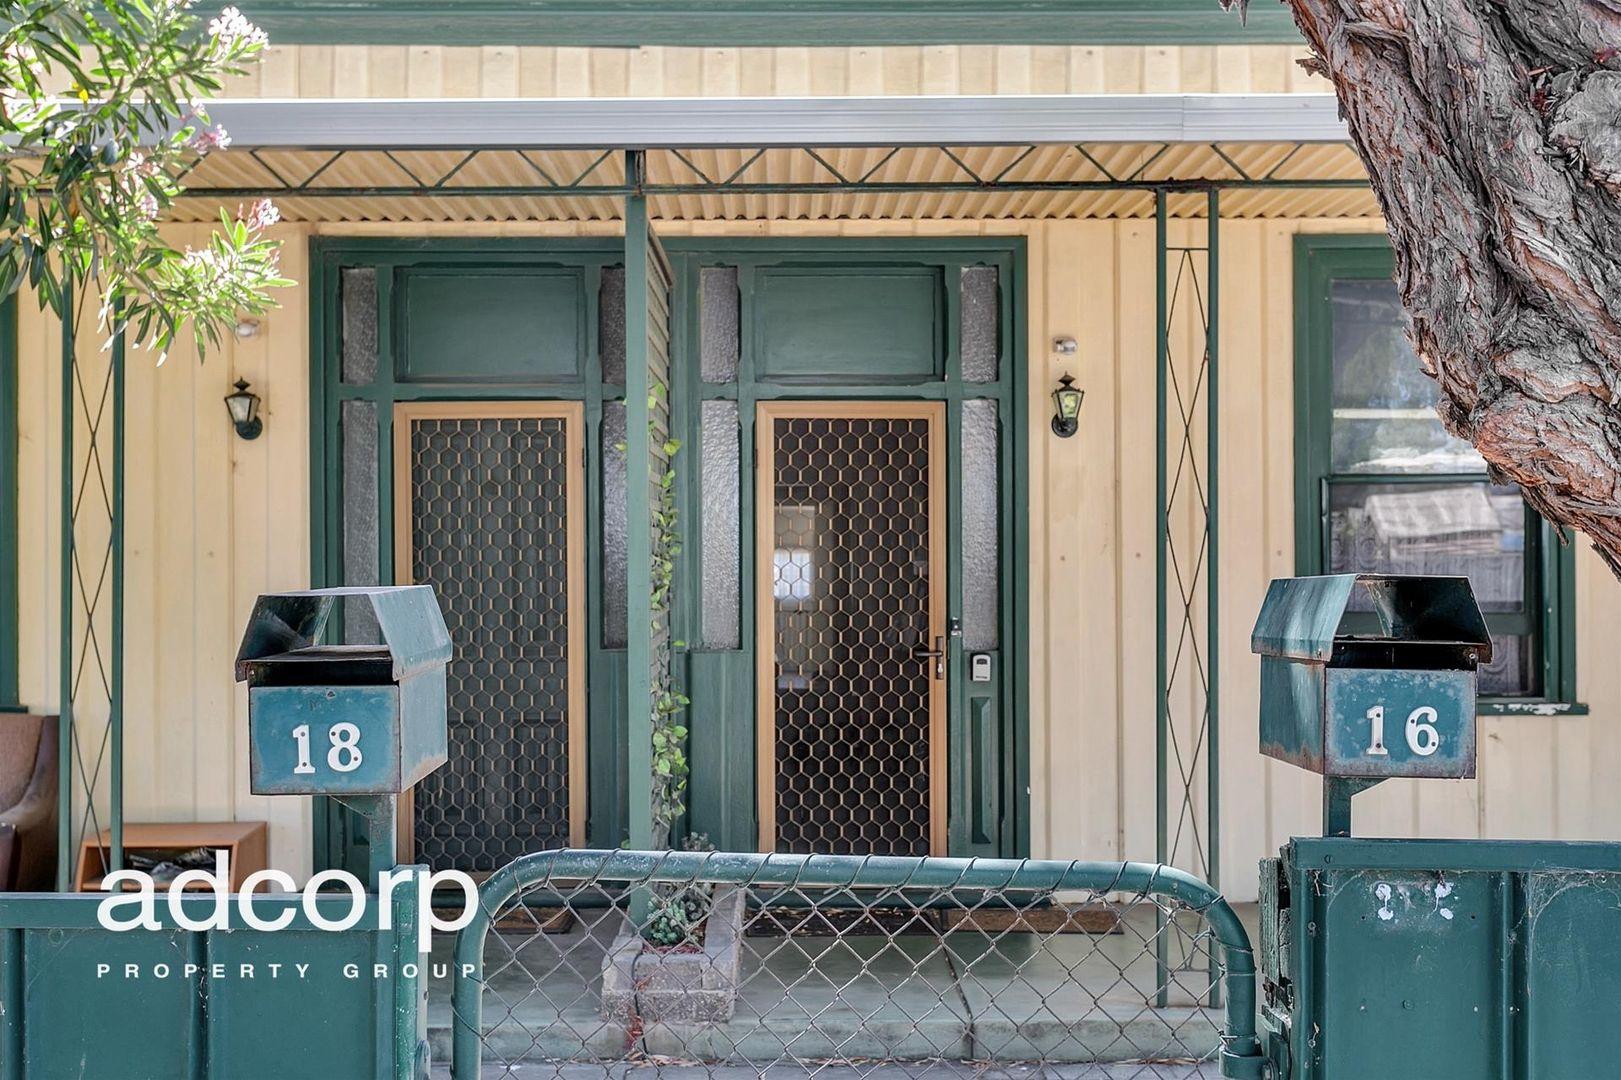 1 - 2/16 - 18 Goldsworthy Road, Ethelton SA 5015, Image 1